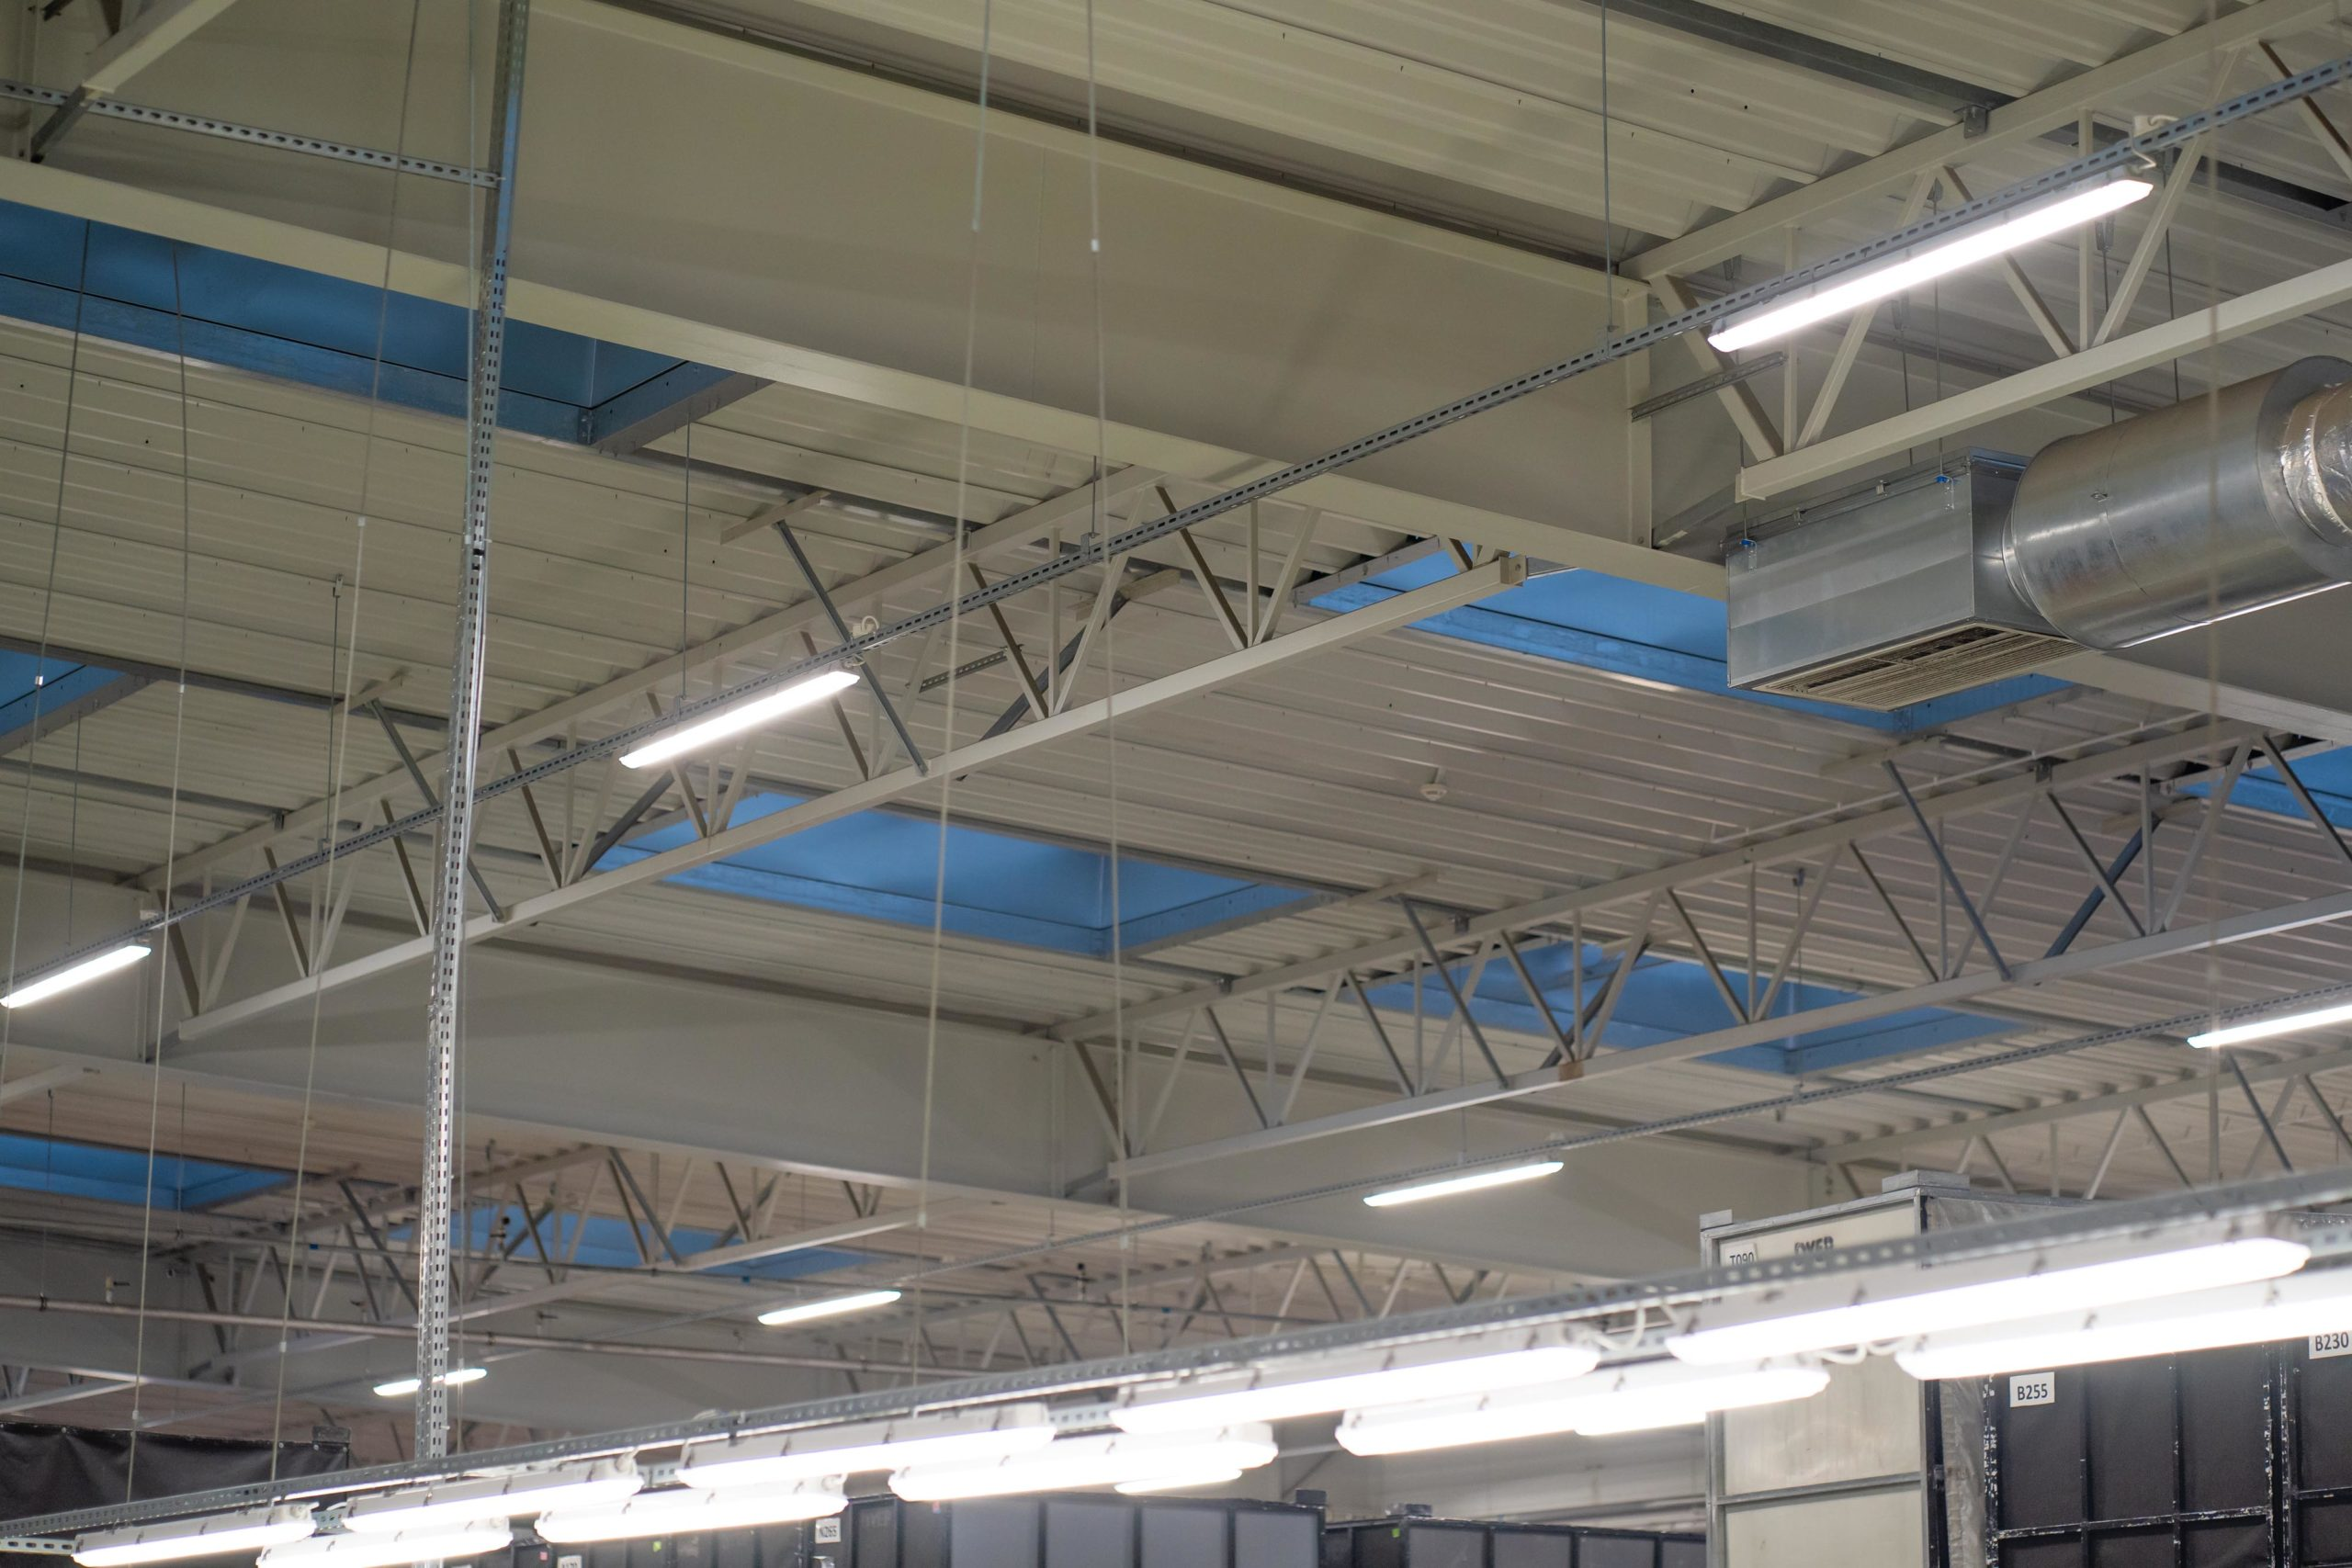 Oprawy Industrial w hali produkcujnej firmy LG Electronics - Luxon LED